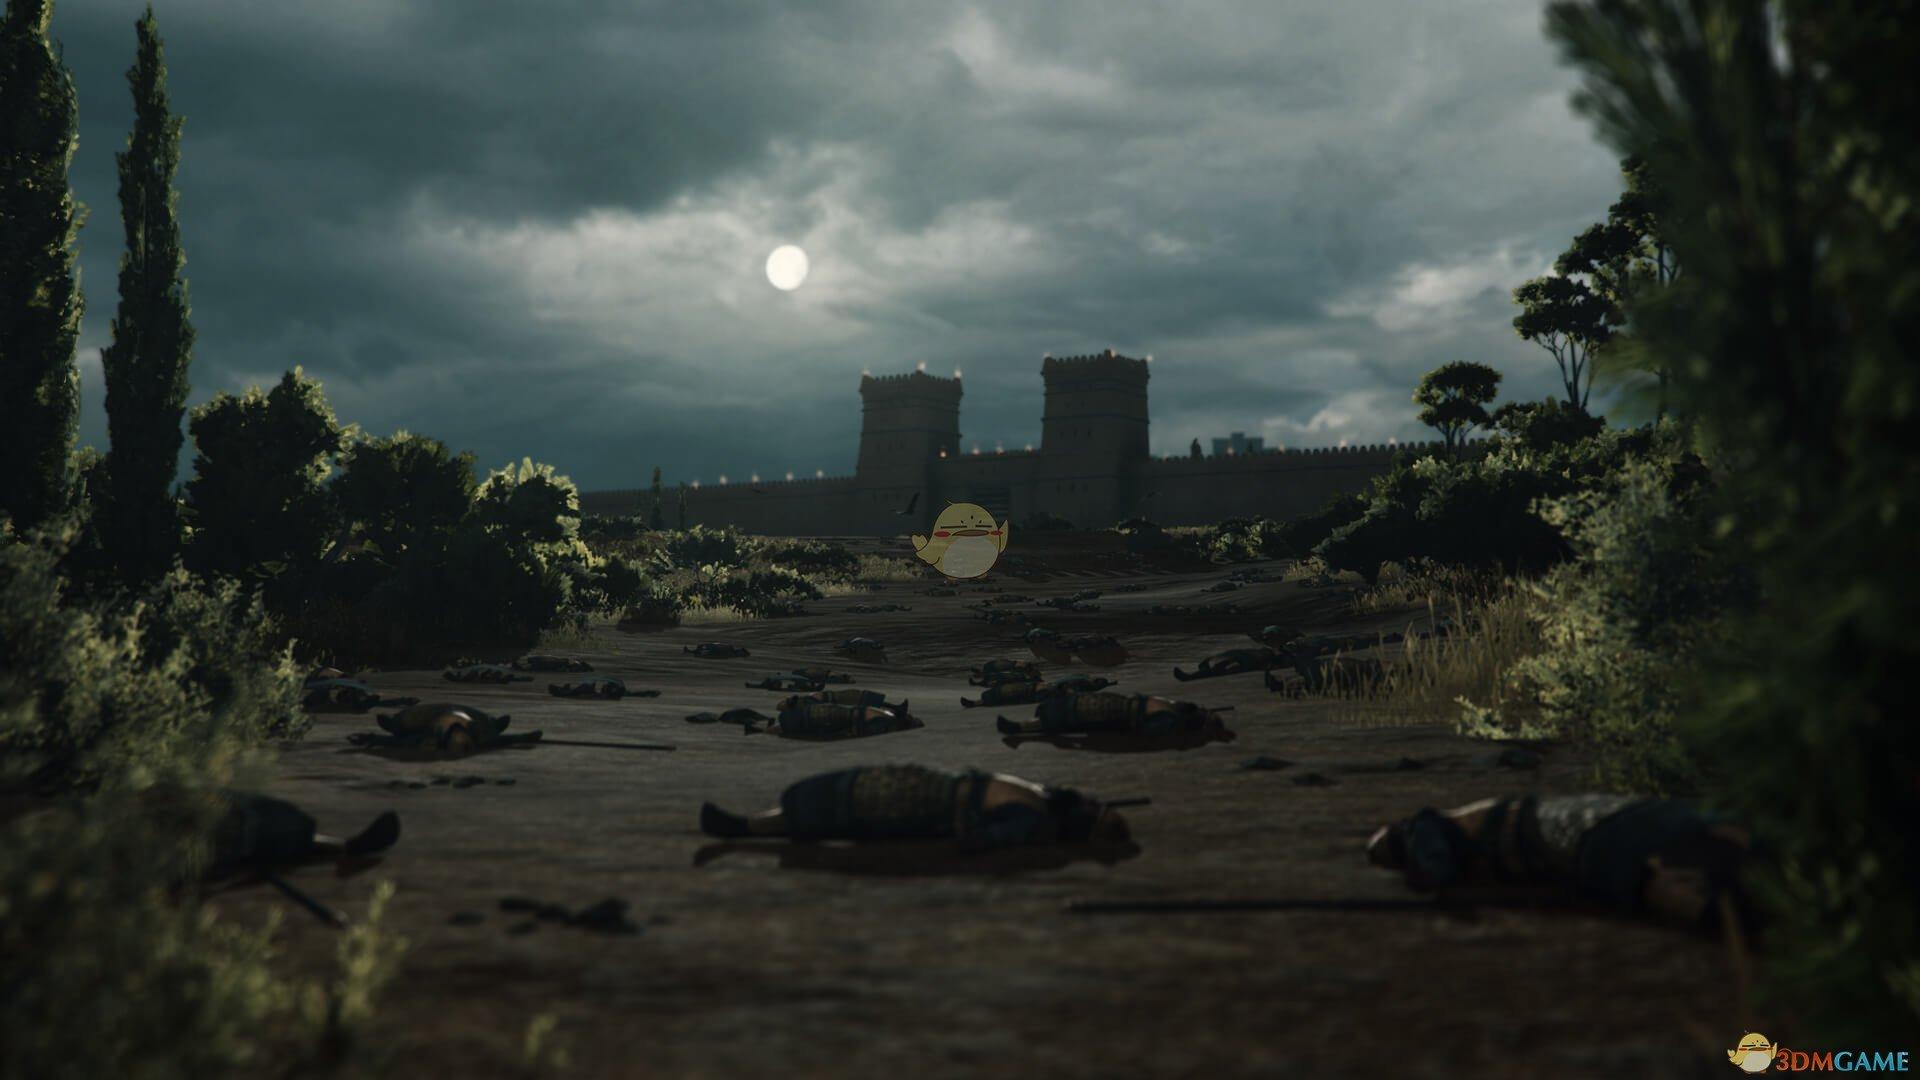 《全面战争传奇:特洛伊》好玩吗 游戏特色玩法介绍